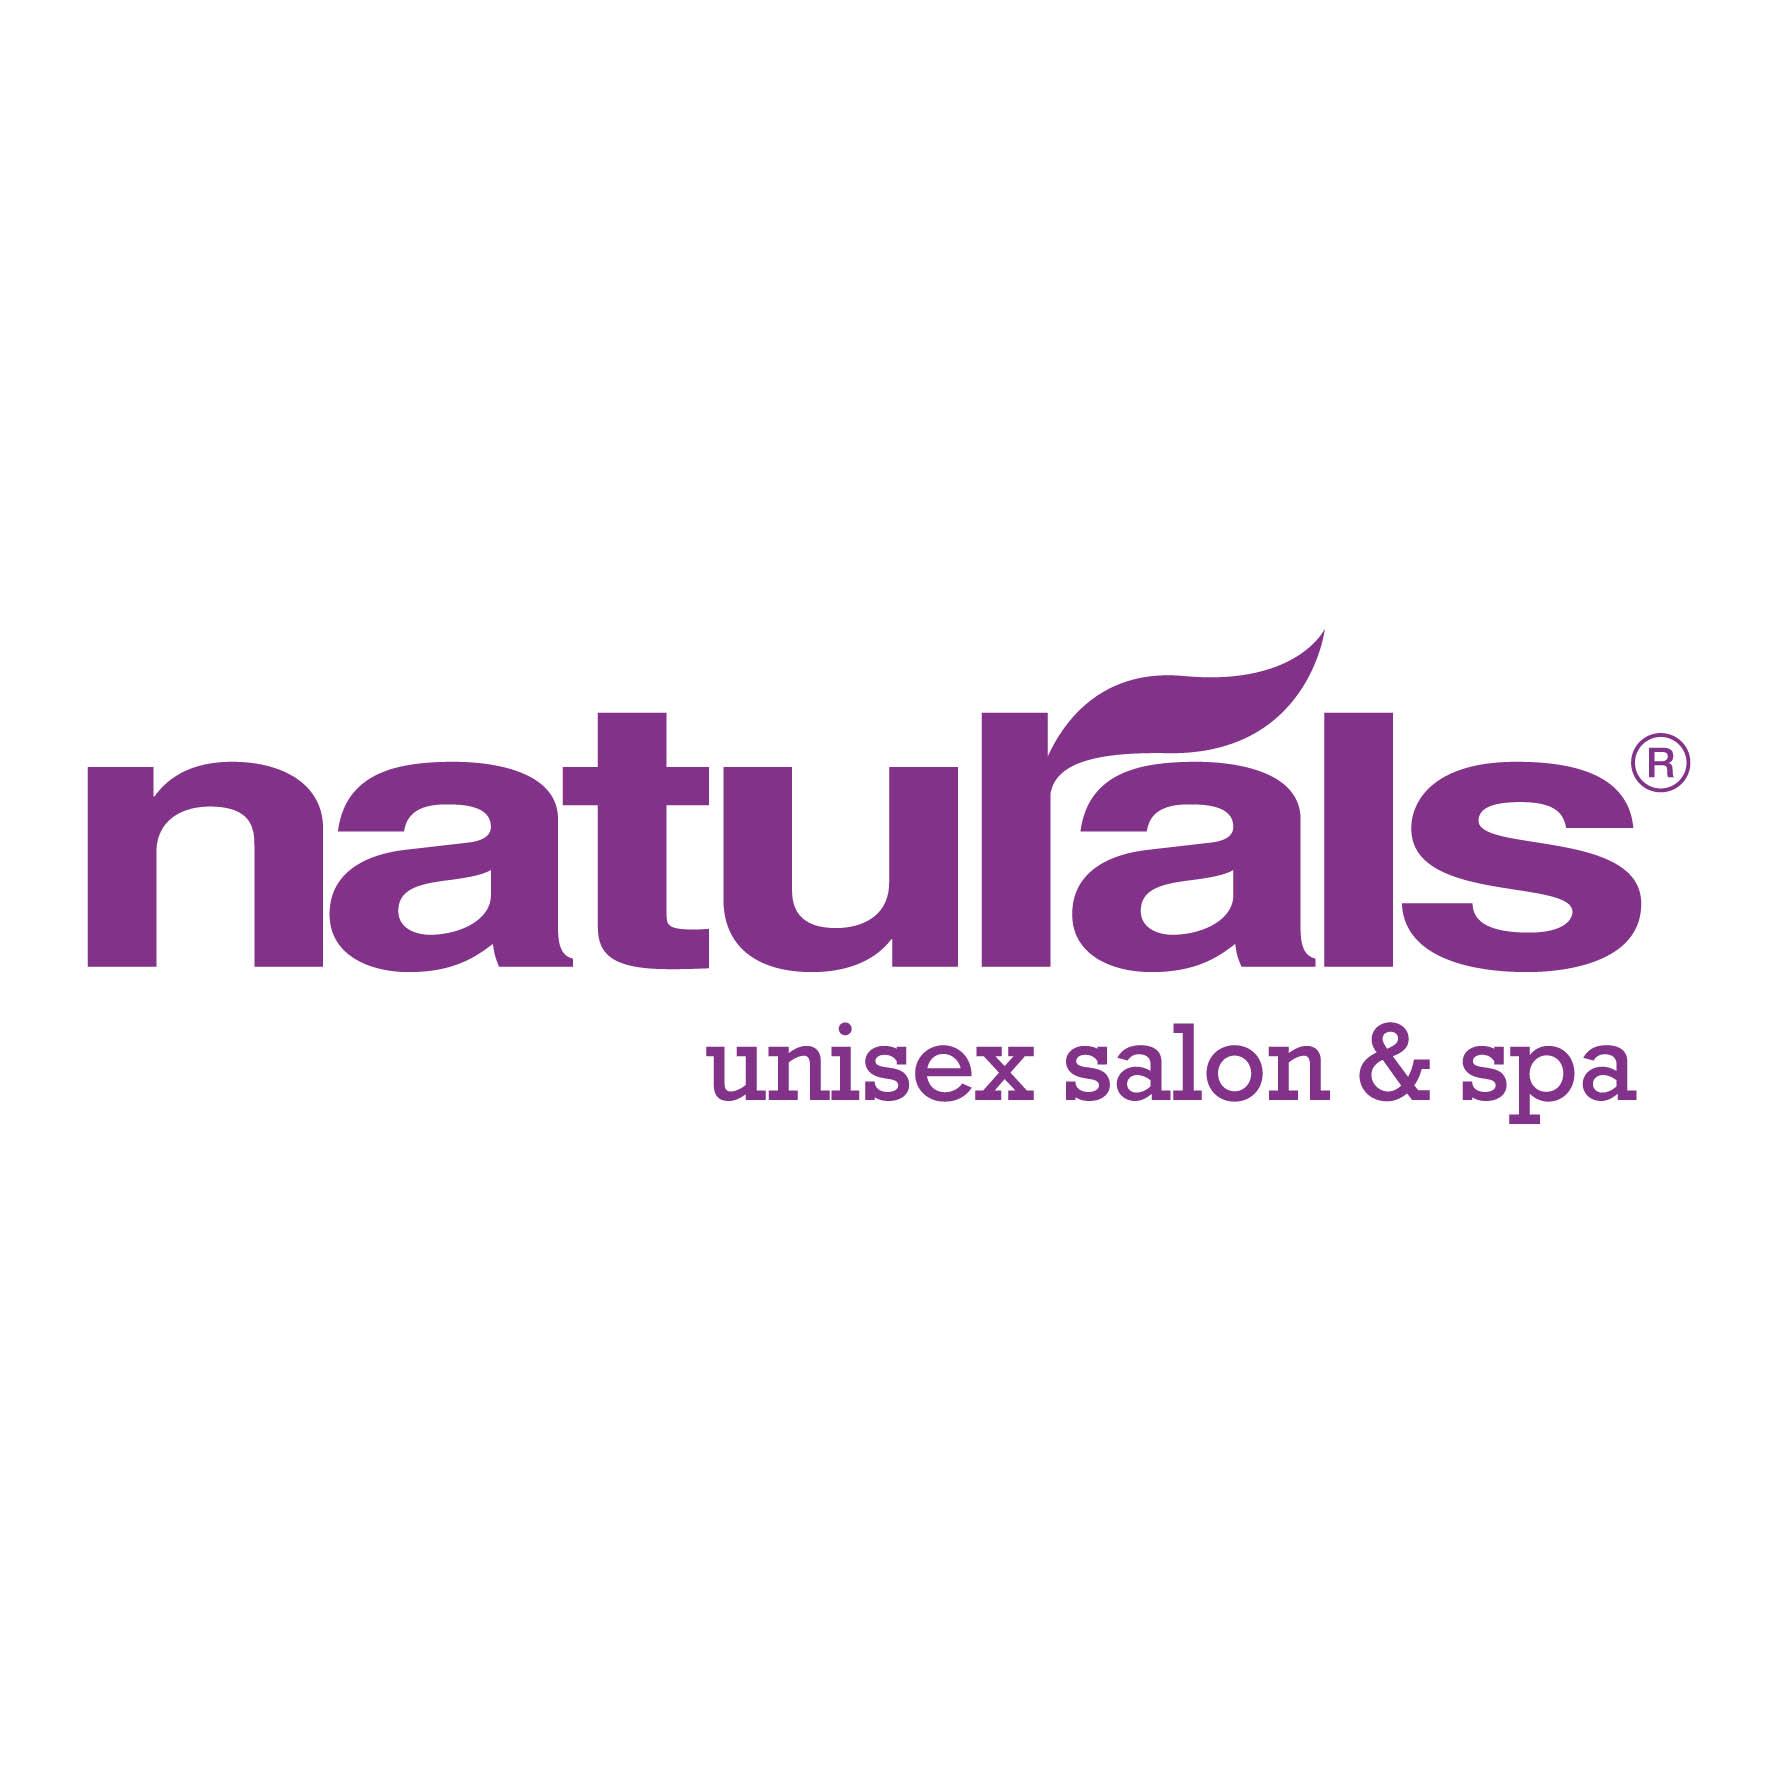 Naturals Family Salon Spa - Velachery - Chennai Image